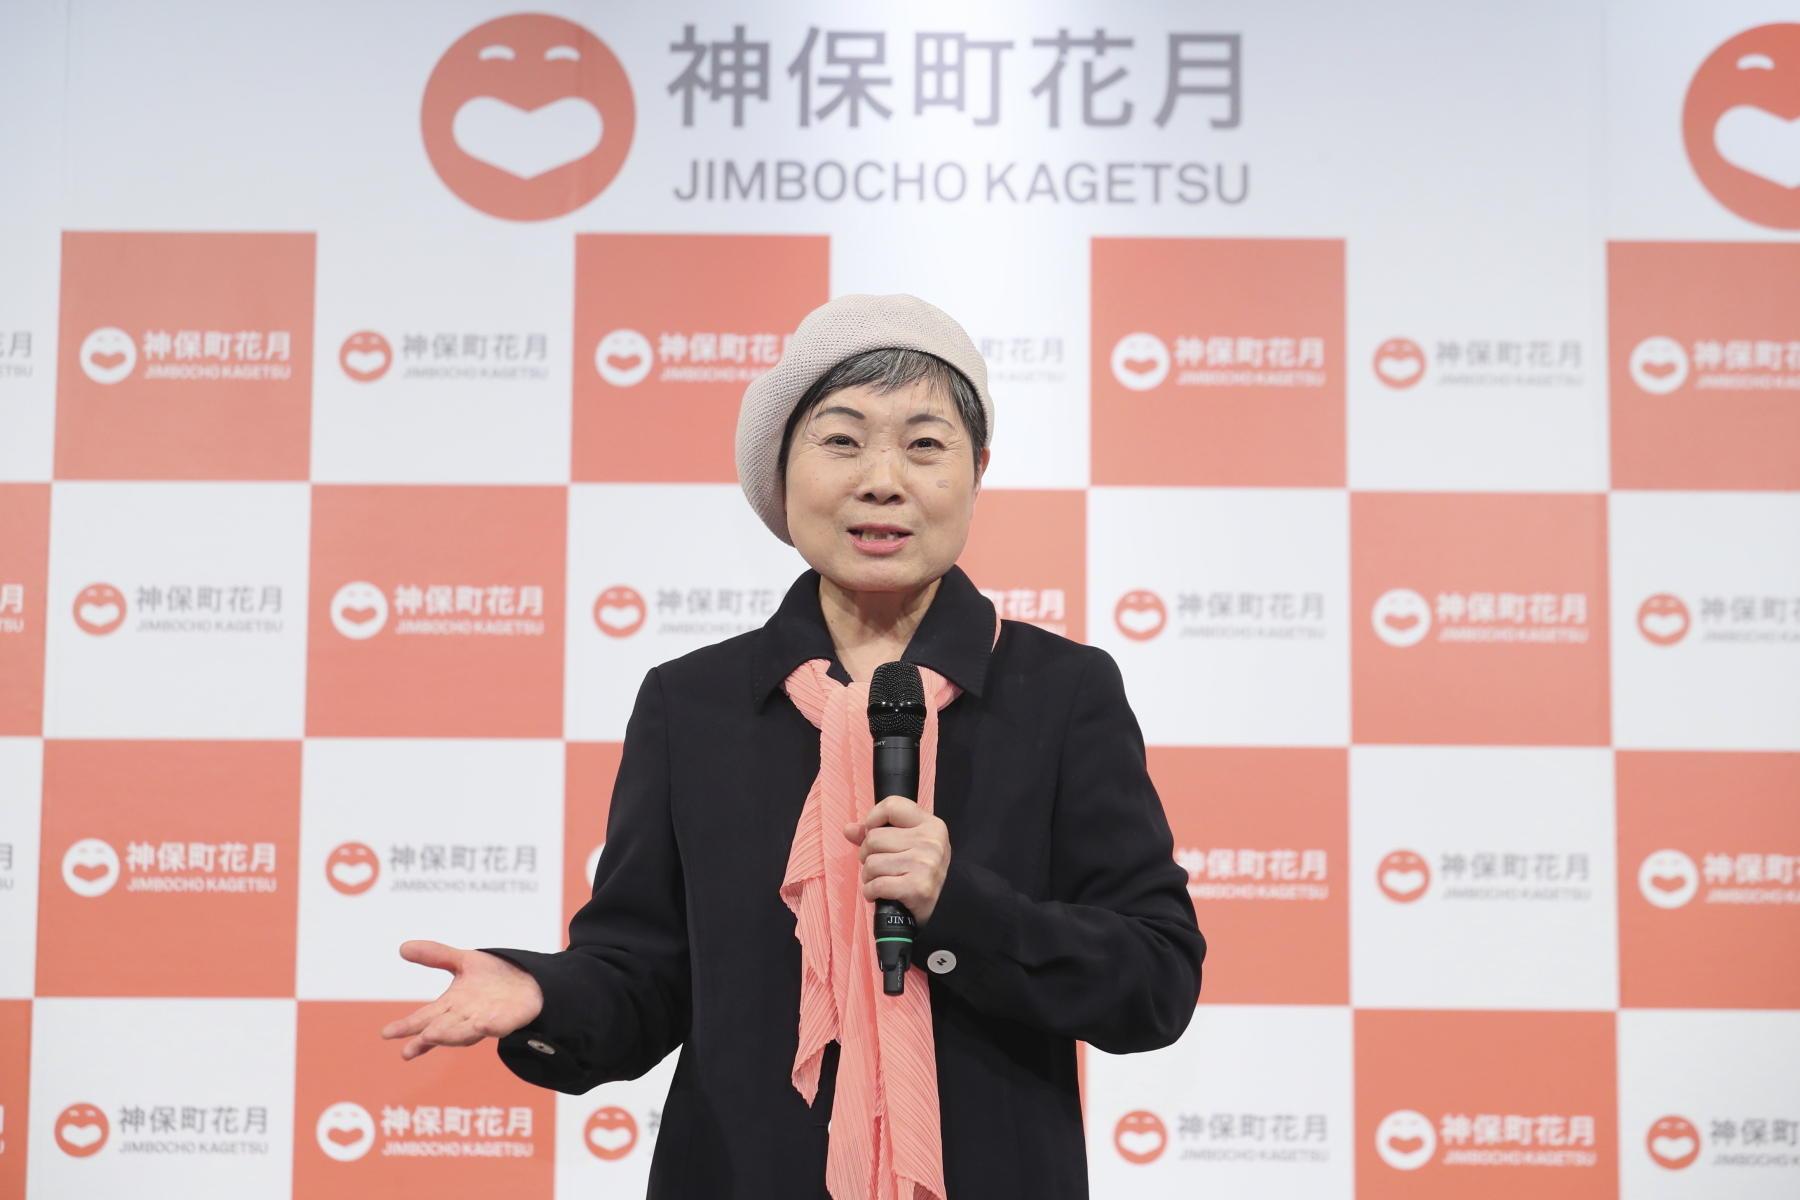 http://news.yoshimoto.co.jp/20181204213955-f85801f4e8578954a1b91c6a49fe21392e2bca6d.jpg